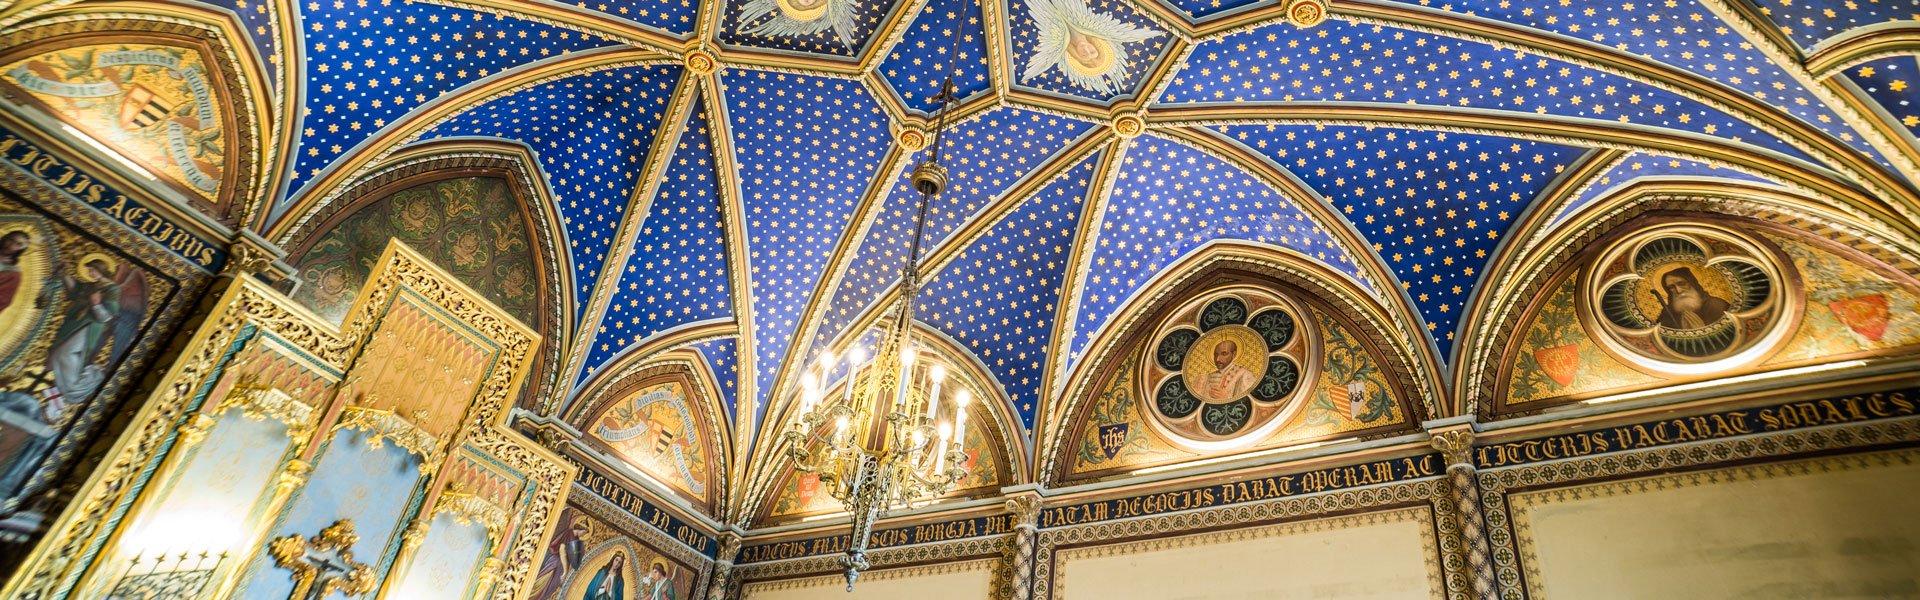 Visitar Palacio ducal